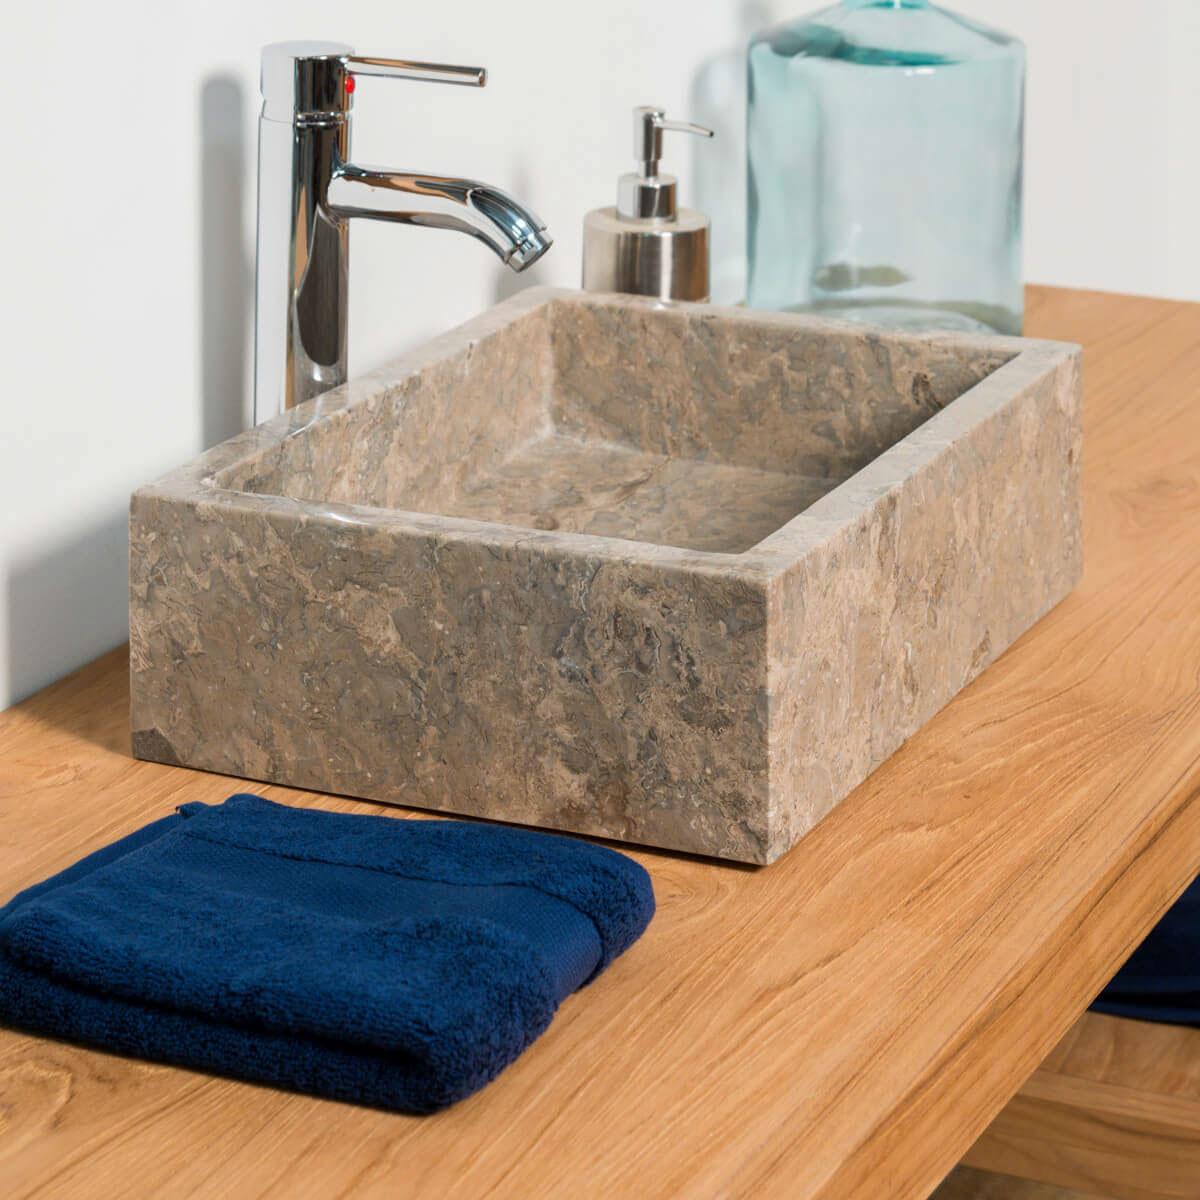 Vasque poser en marbre milan rectangle grise taupe for Salle de bain taupe et gris